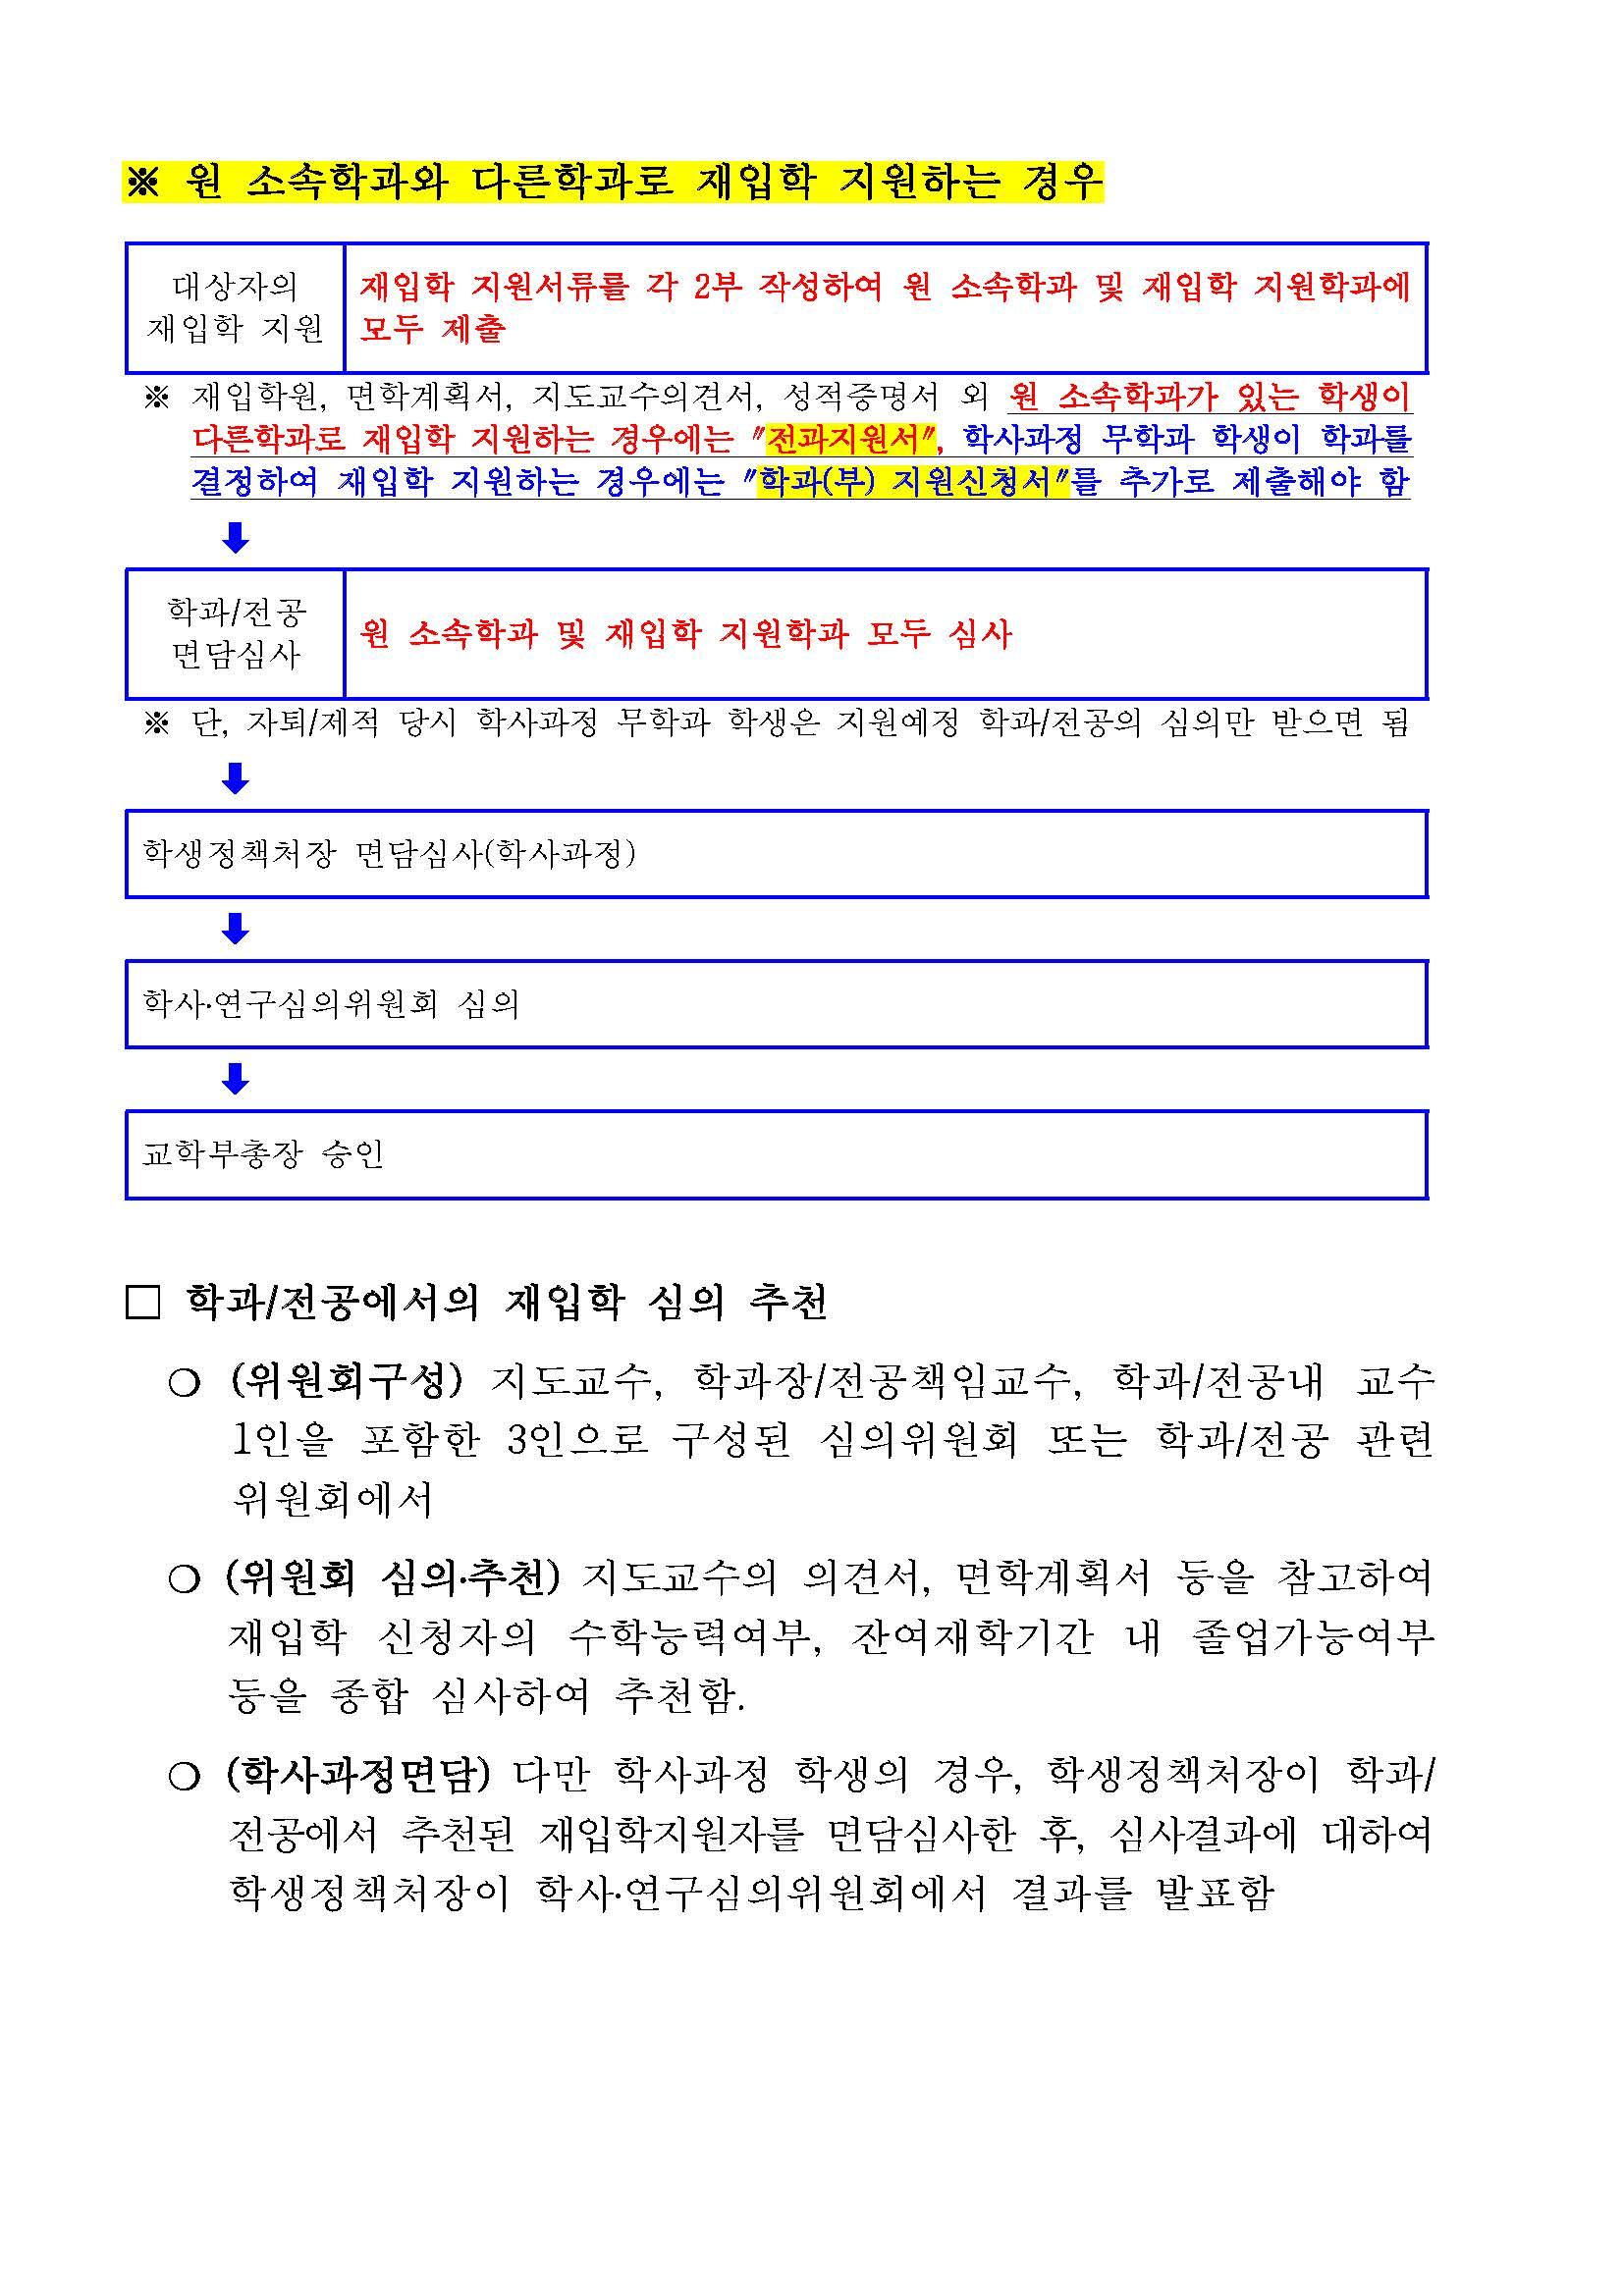 2021학년도 봄학기 각 과정 재입학지원 안내_페이지_3.jpg